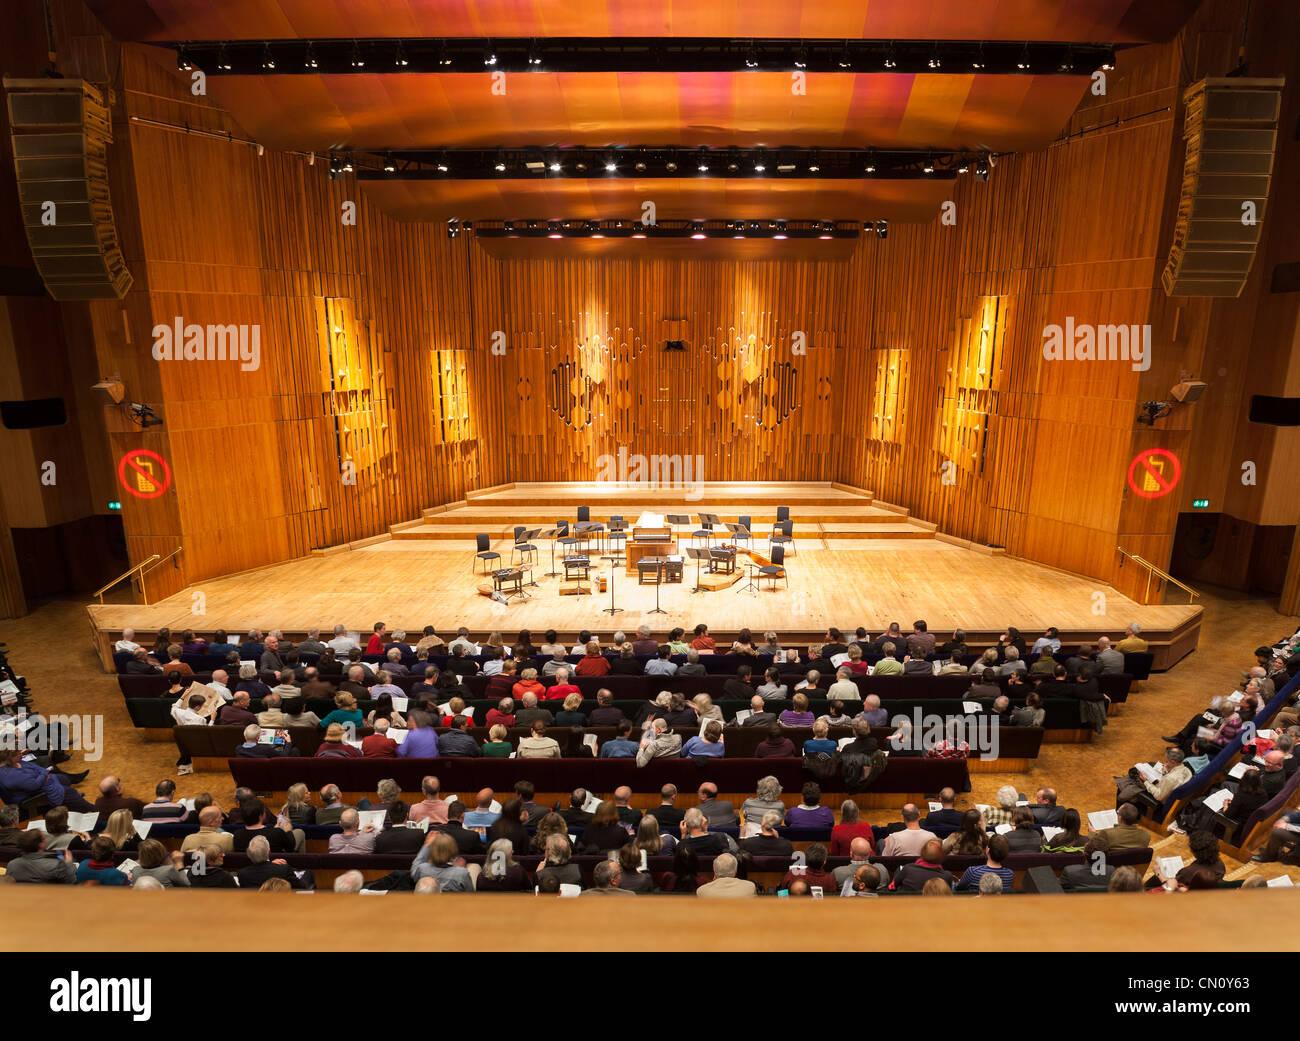 La musique de scène vide du Centre Barbican Concert Hall Theatre Théâtre Auditorium de Londres. Public cible Grand Banque D'Images